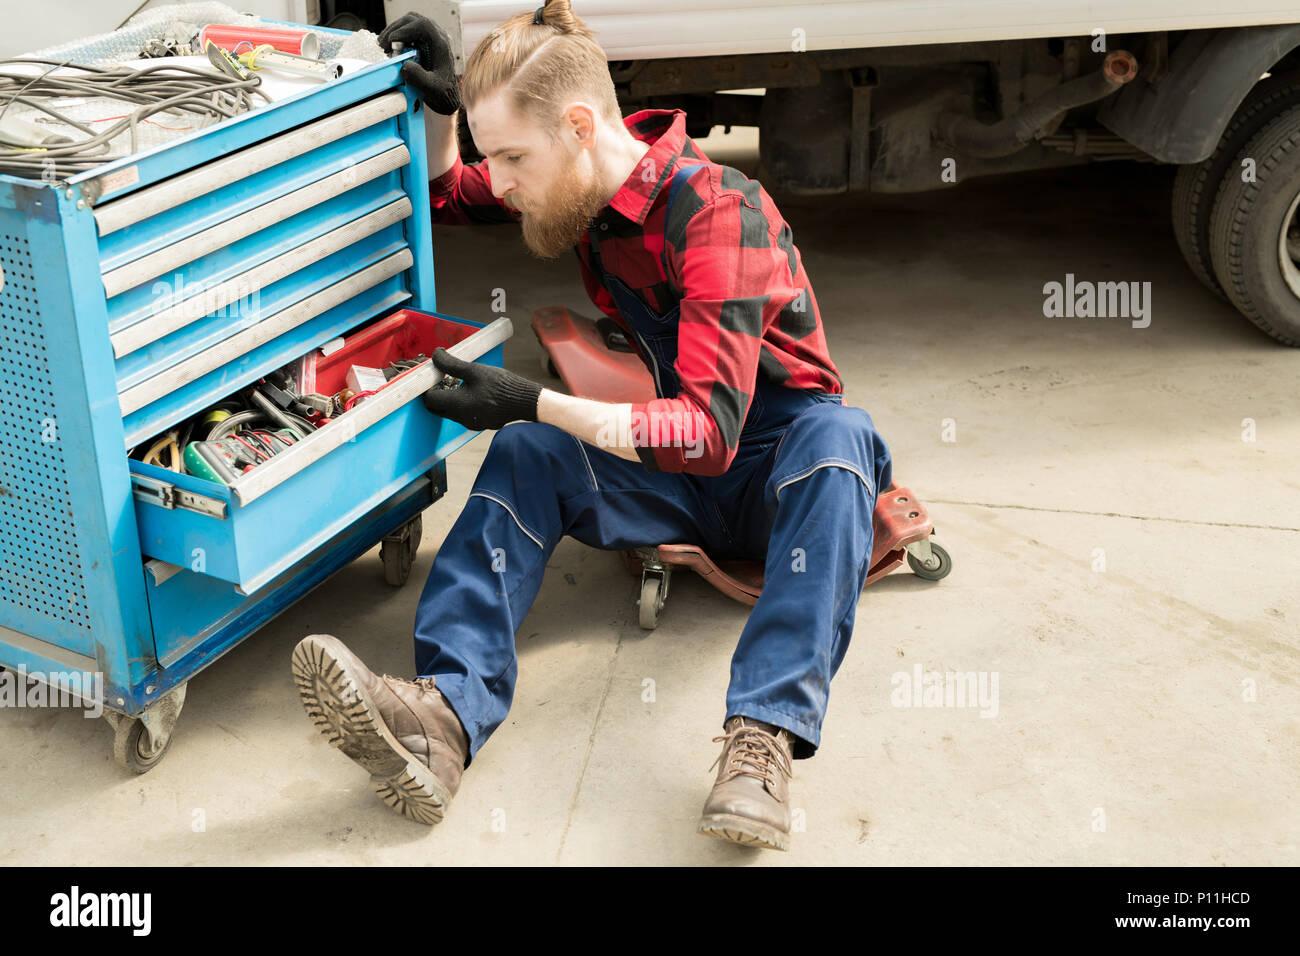 Professionelle Automechaniker bei der Arbeit Stockbild